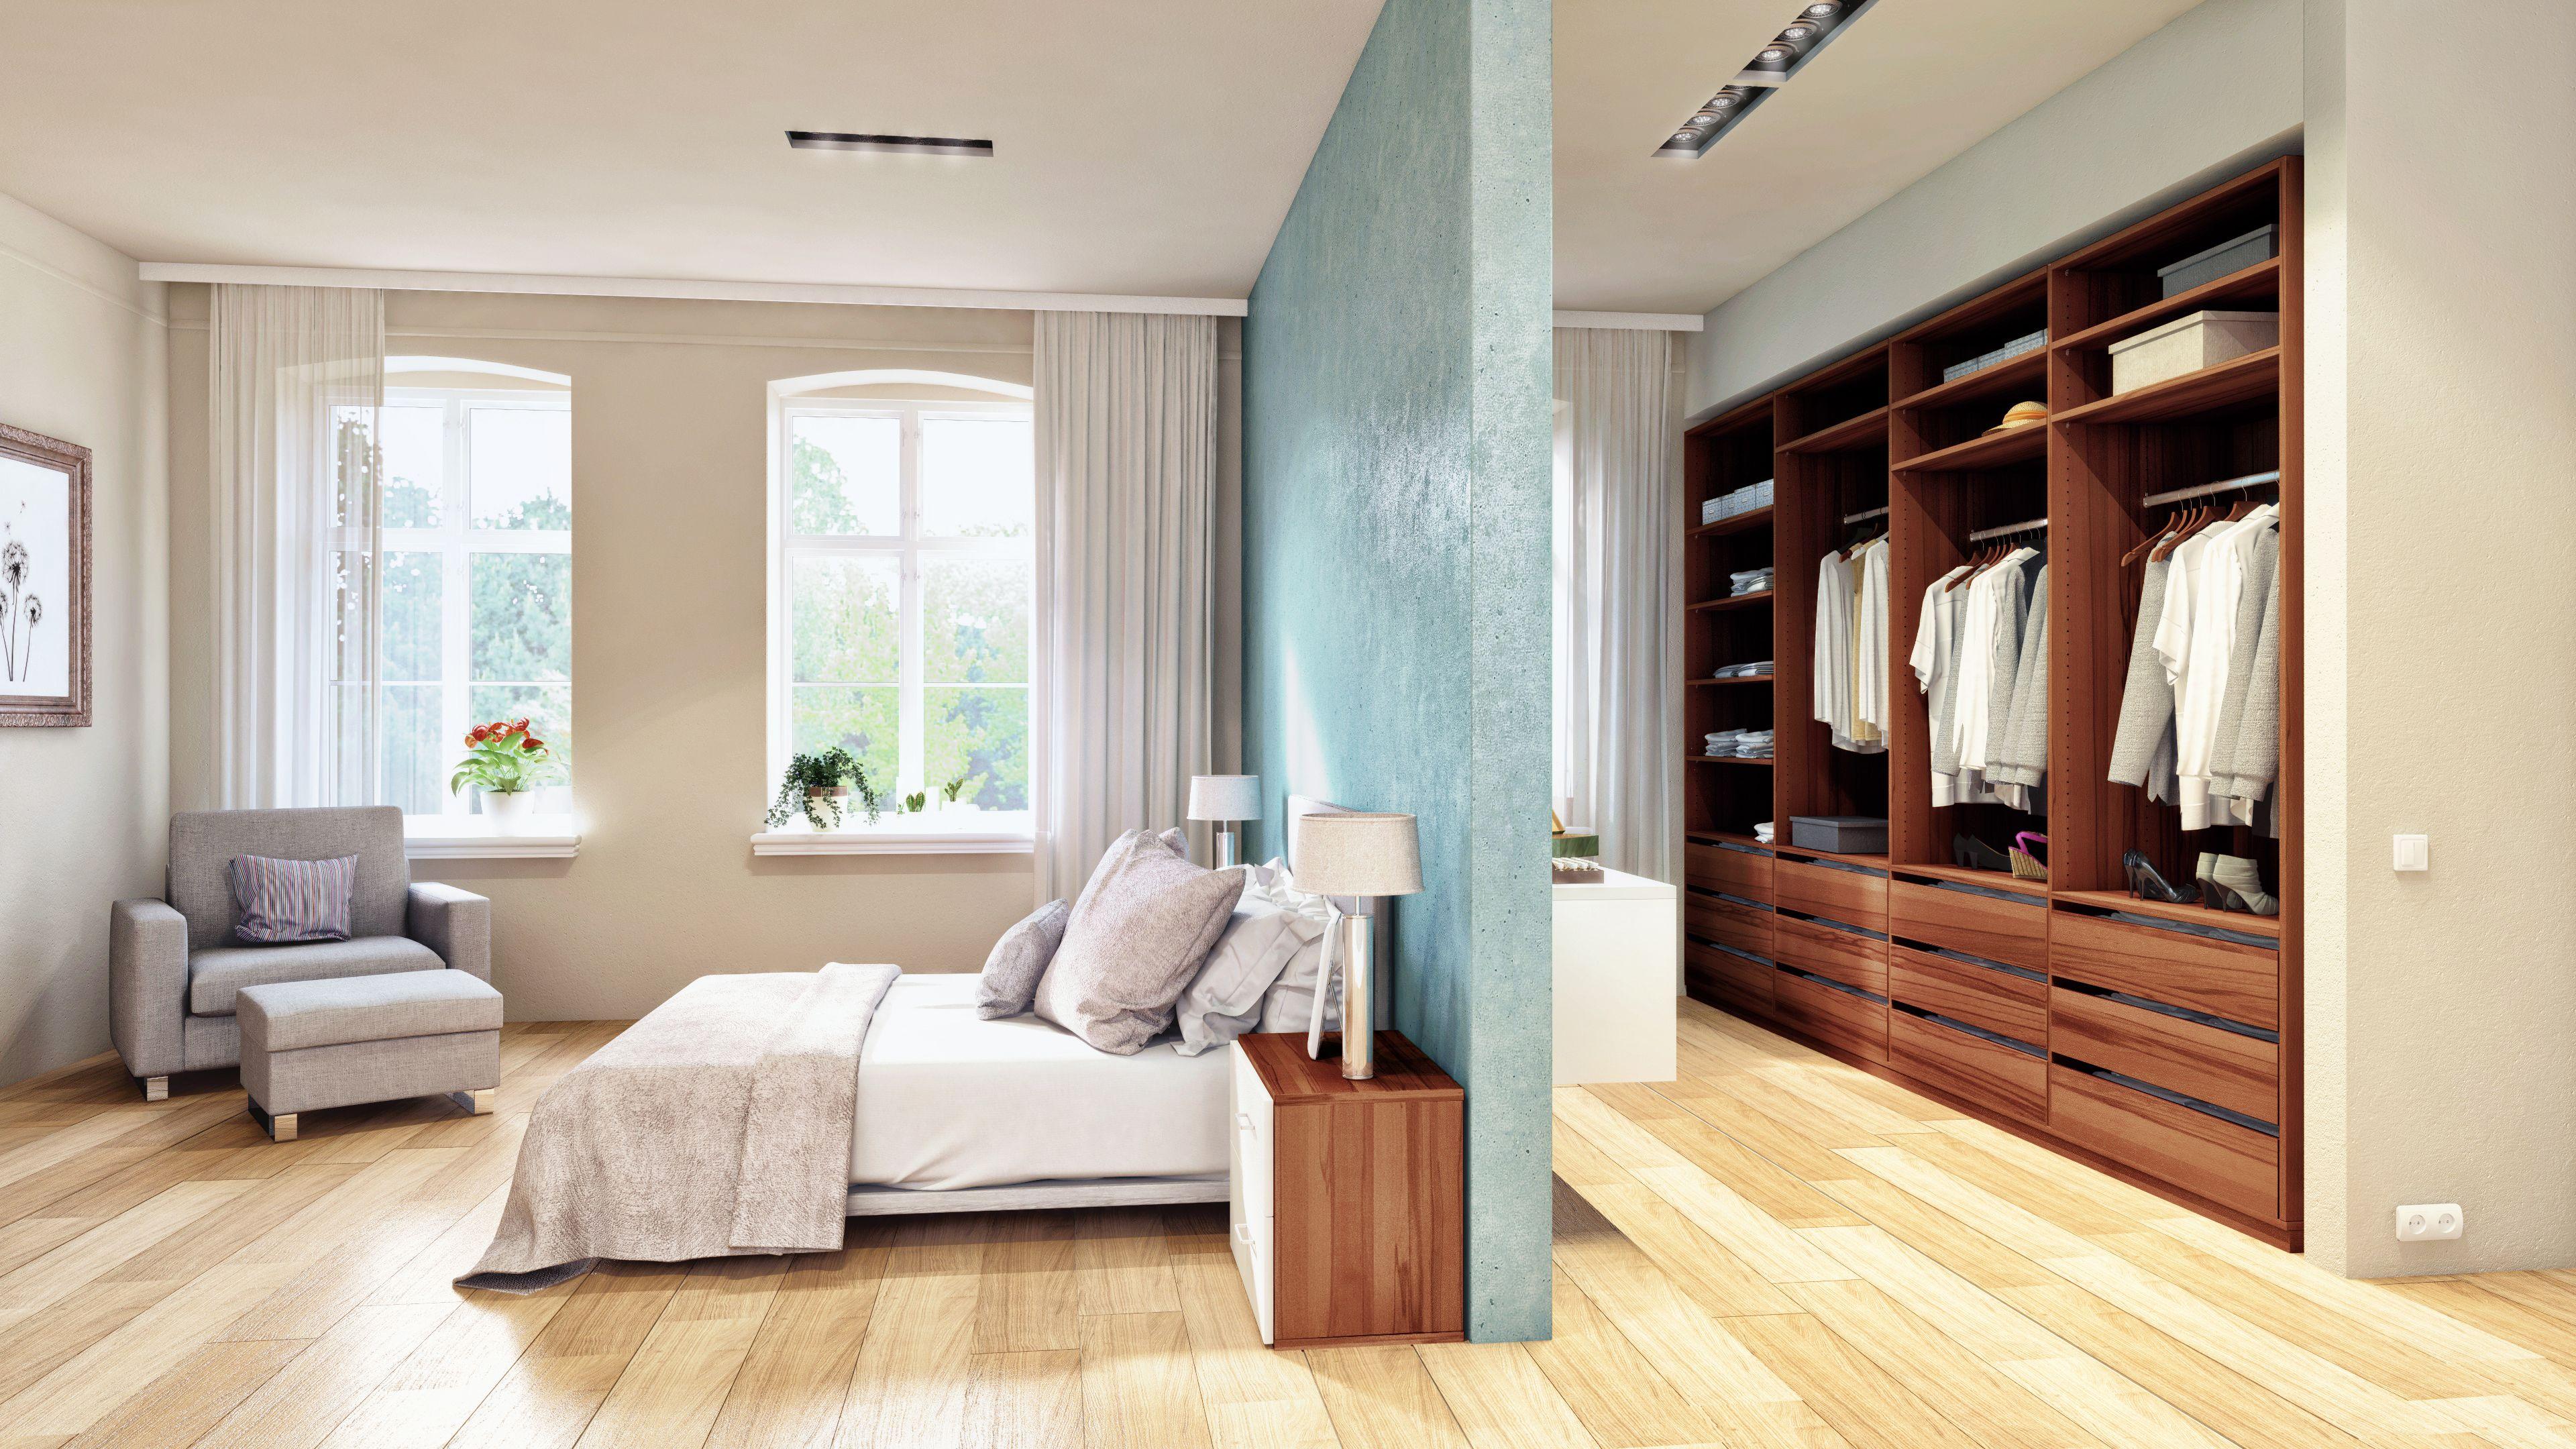 Bedroom Furniture Wardrobe Render Manufaktur Architektur